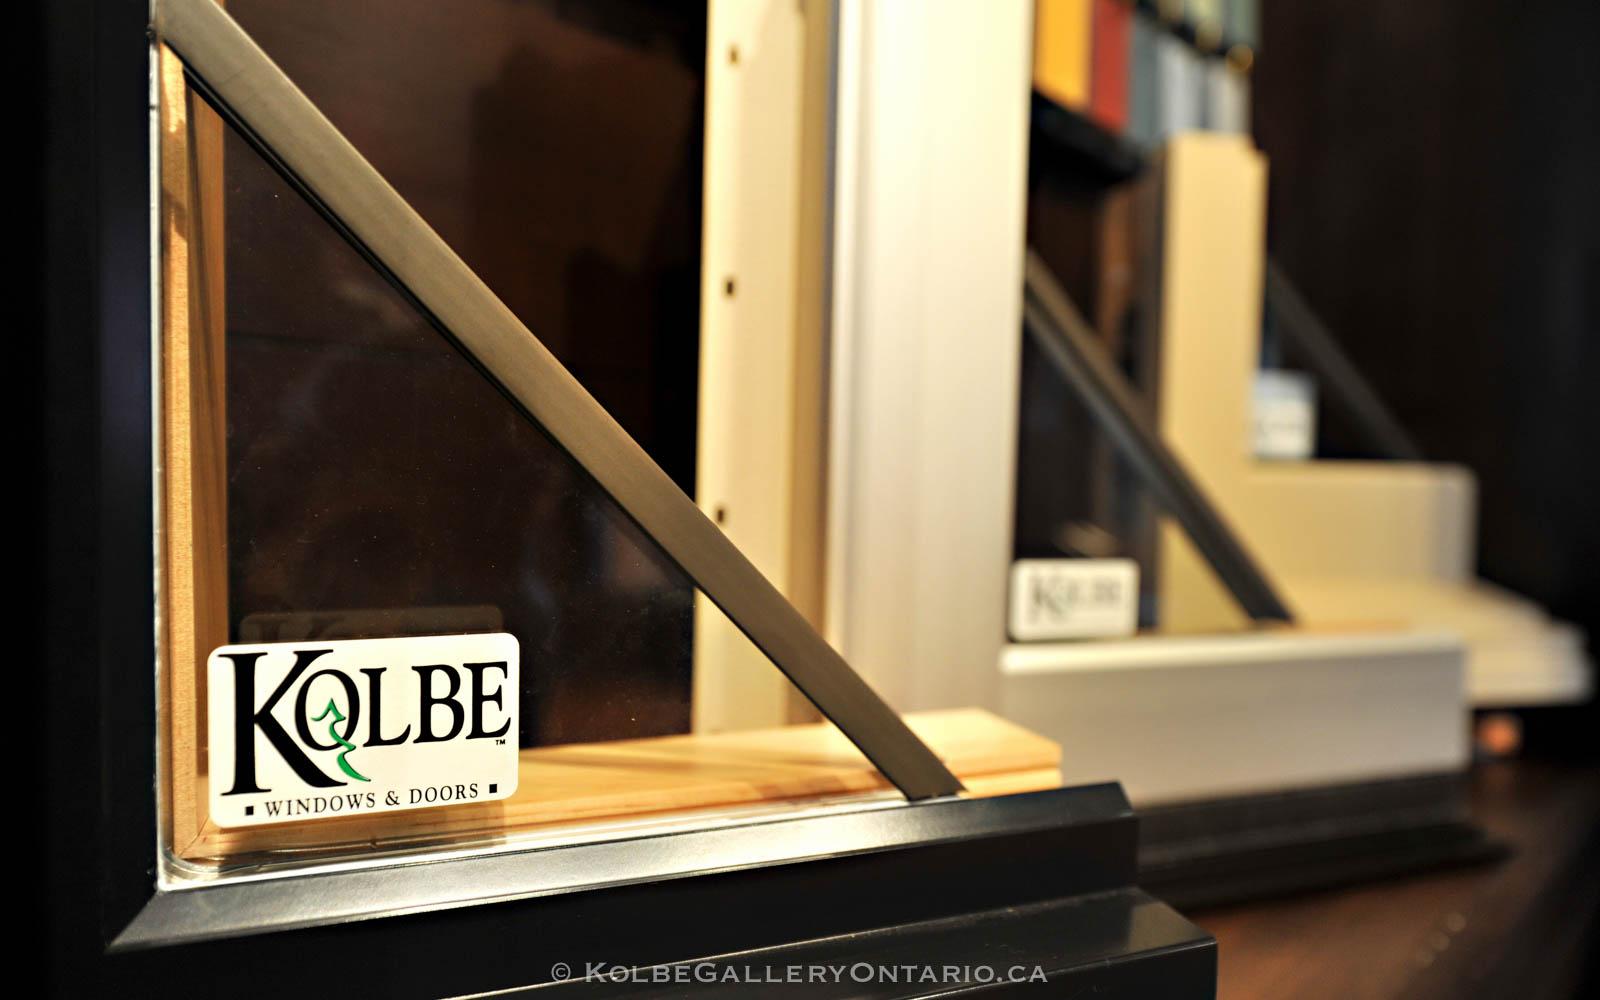 KolbeGalleryOntario.ca-windows-and-doors-Oakville-showroom-20120510-095545